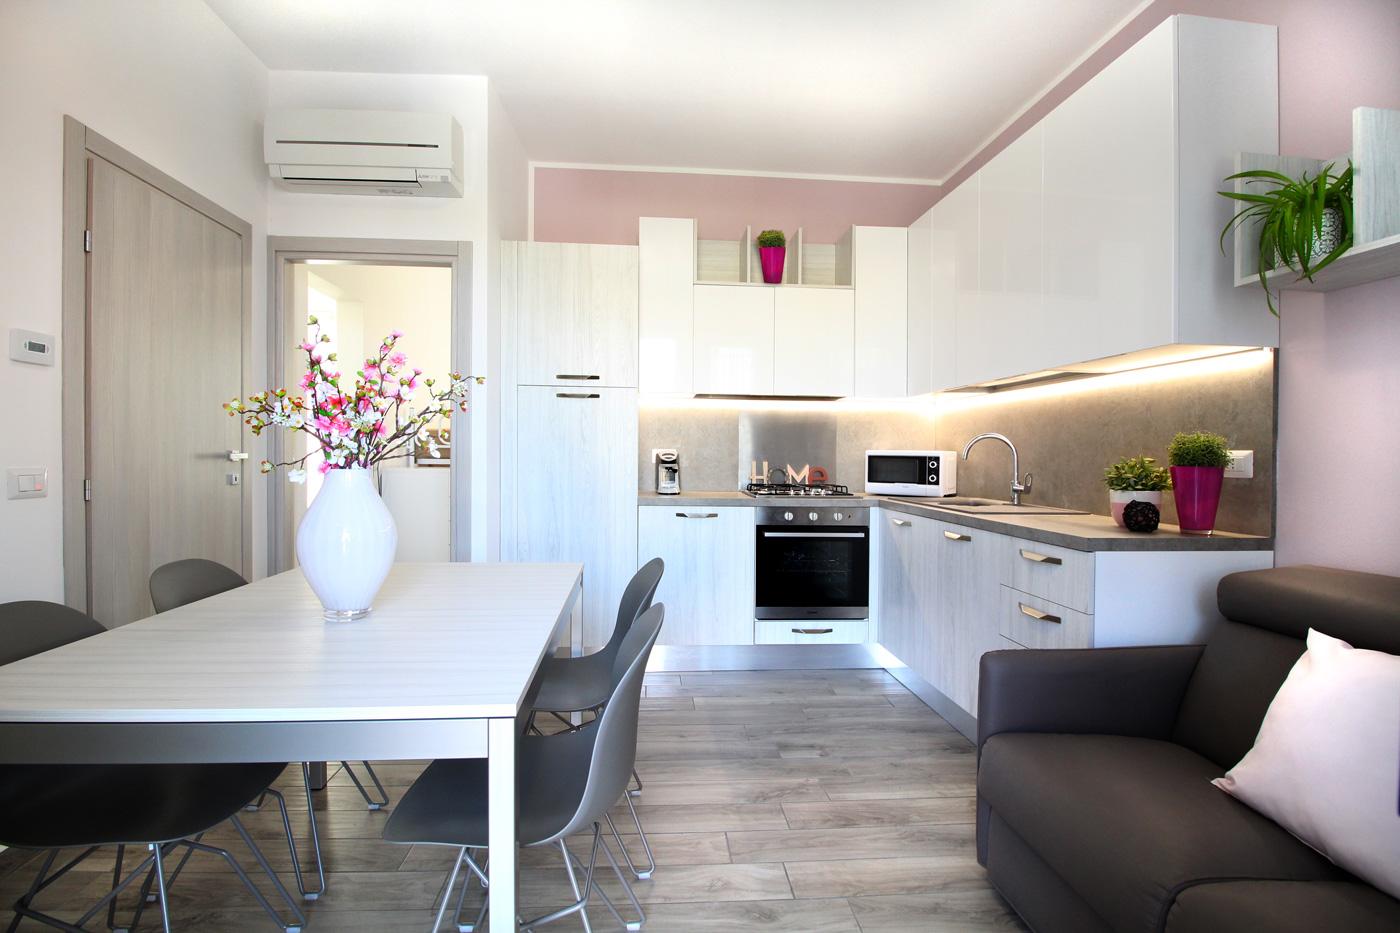 Appartamento Licia_Romagna case vacanze_IMG_7404